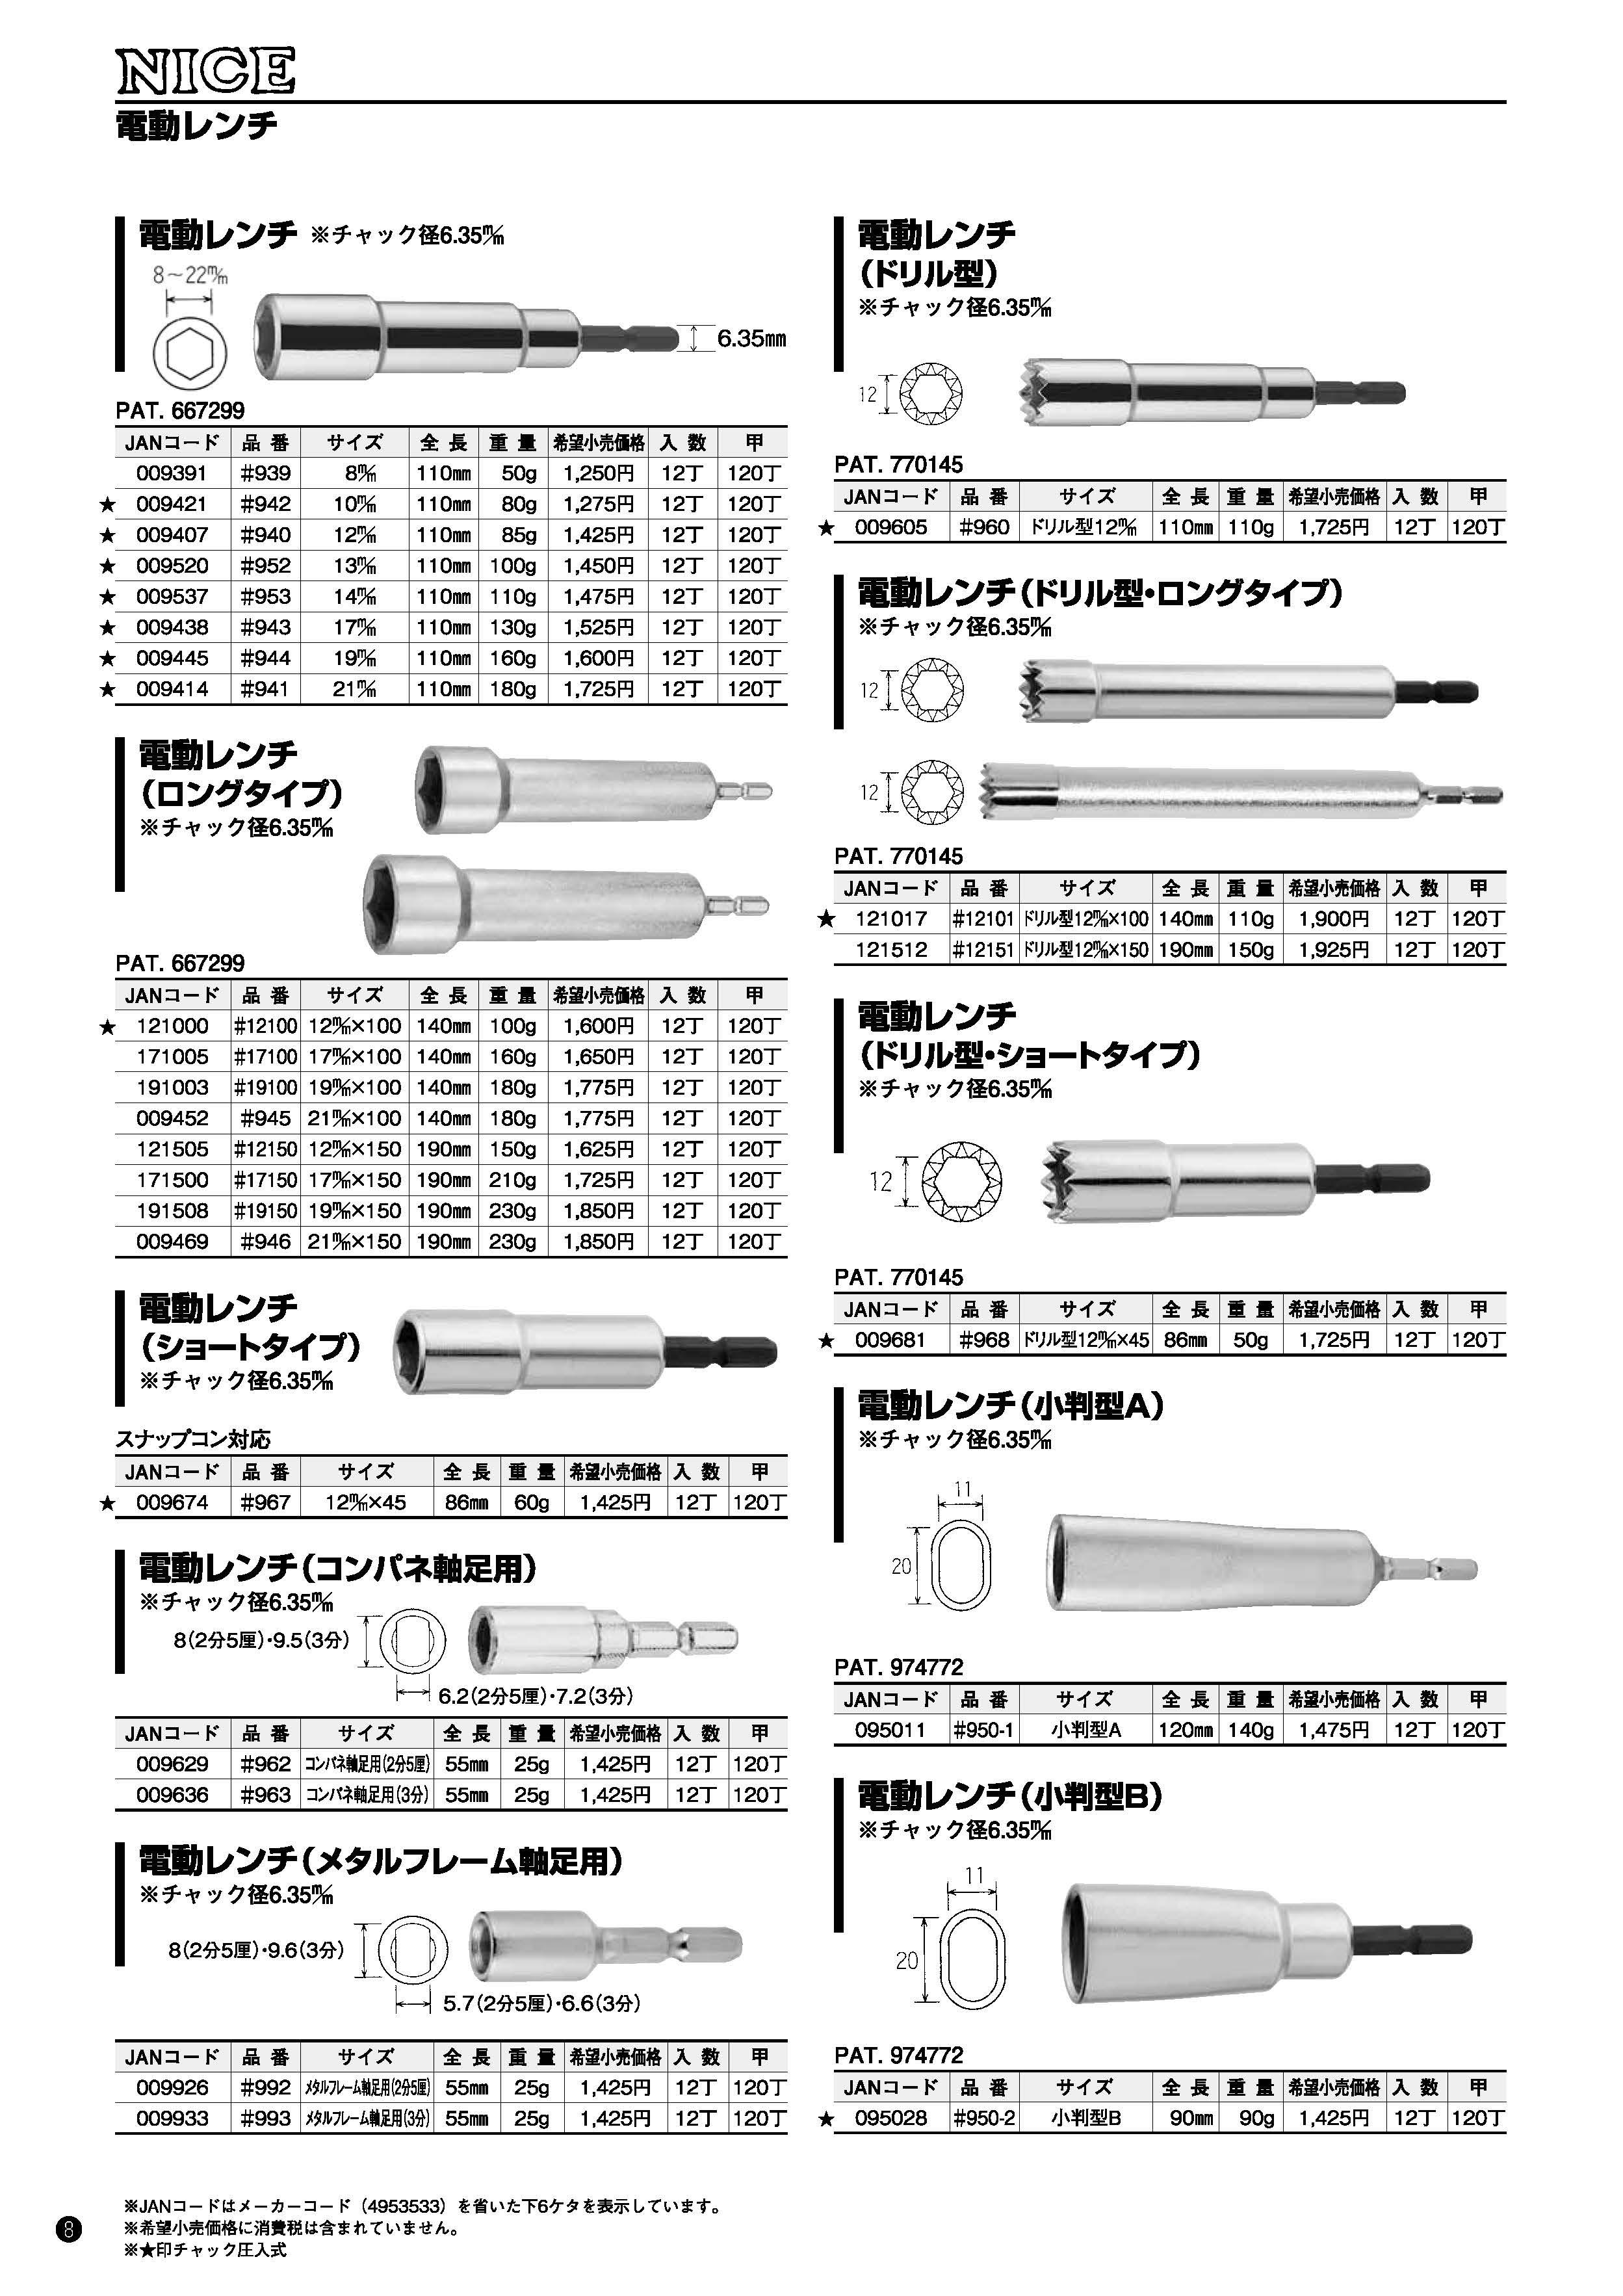 電動レンチ(ストレート型・ロングタイプ・ショートタイプ・軸足用・ドリル型・小判型)